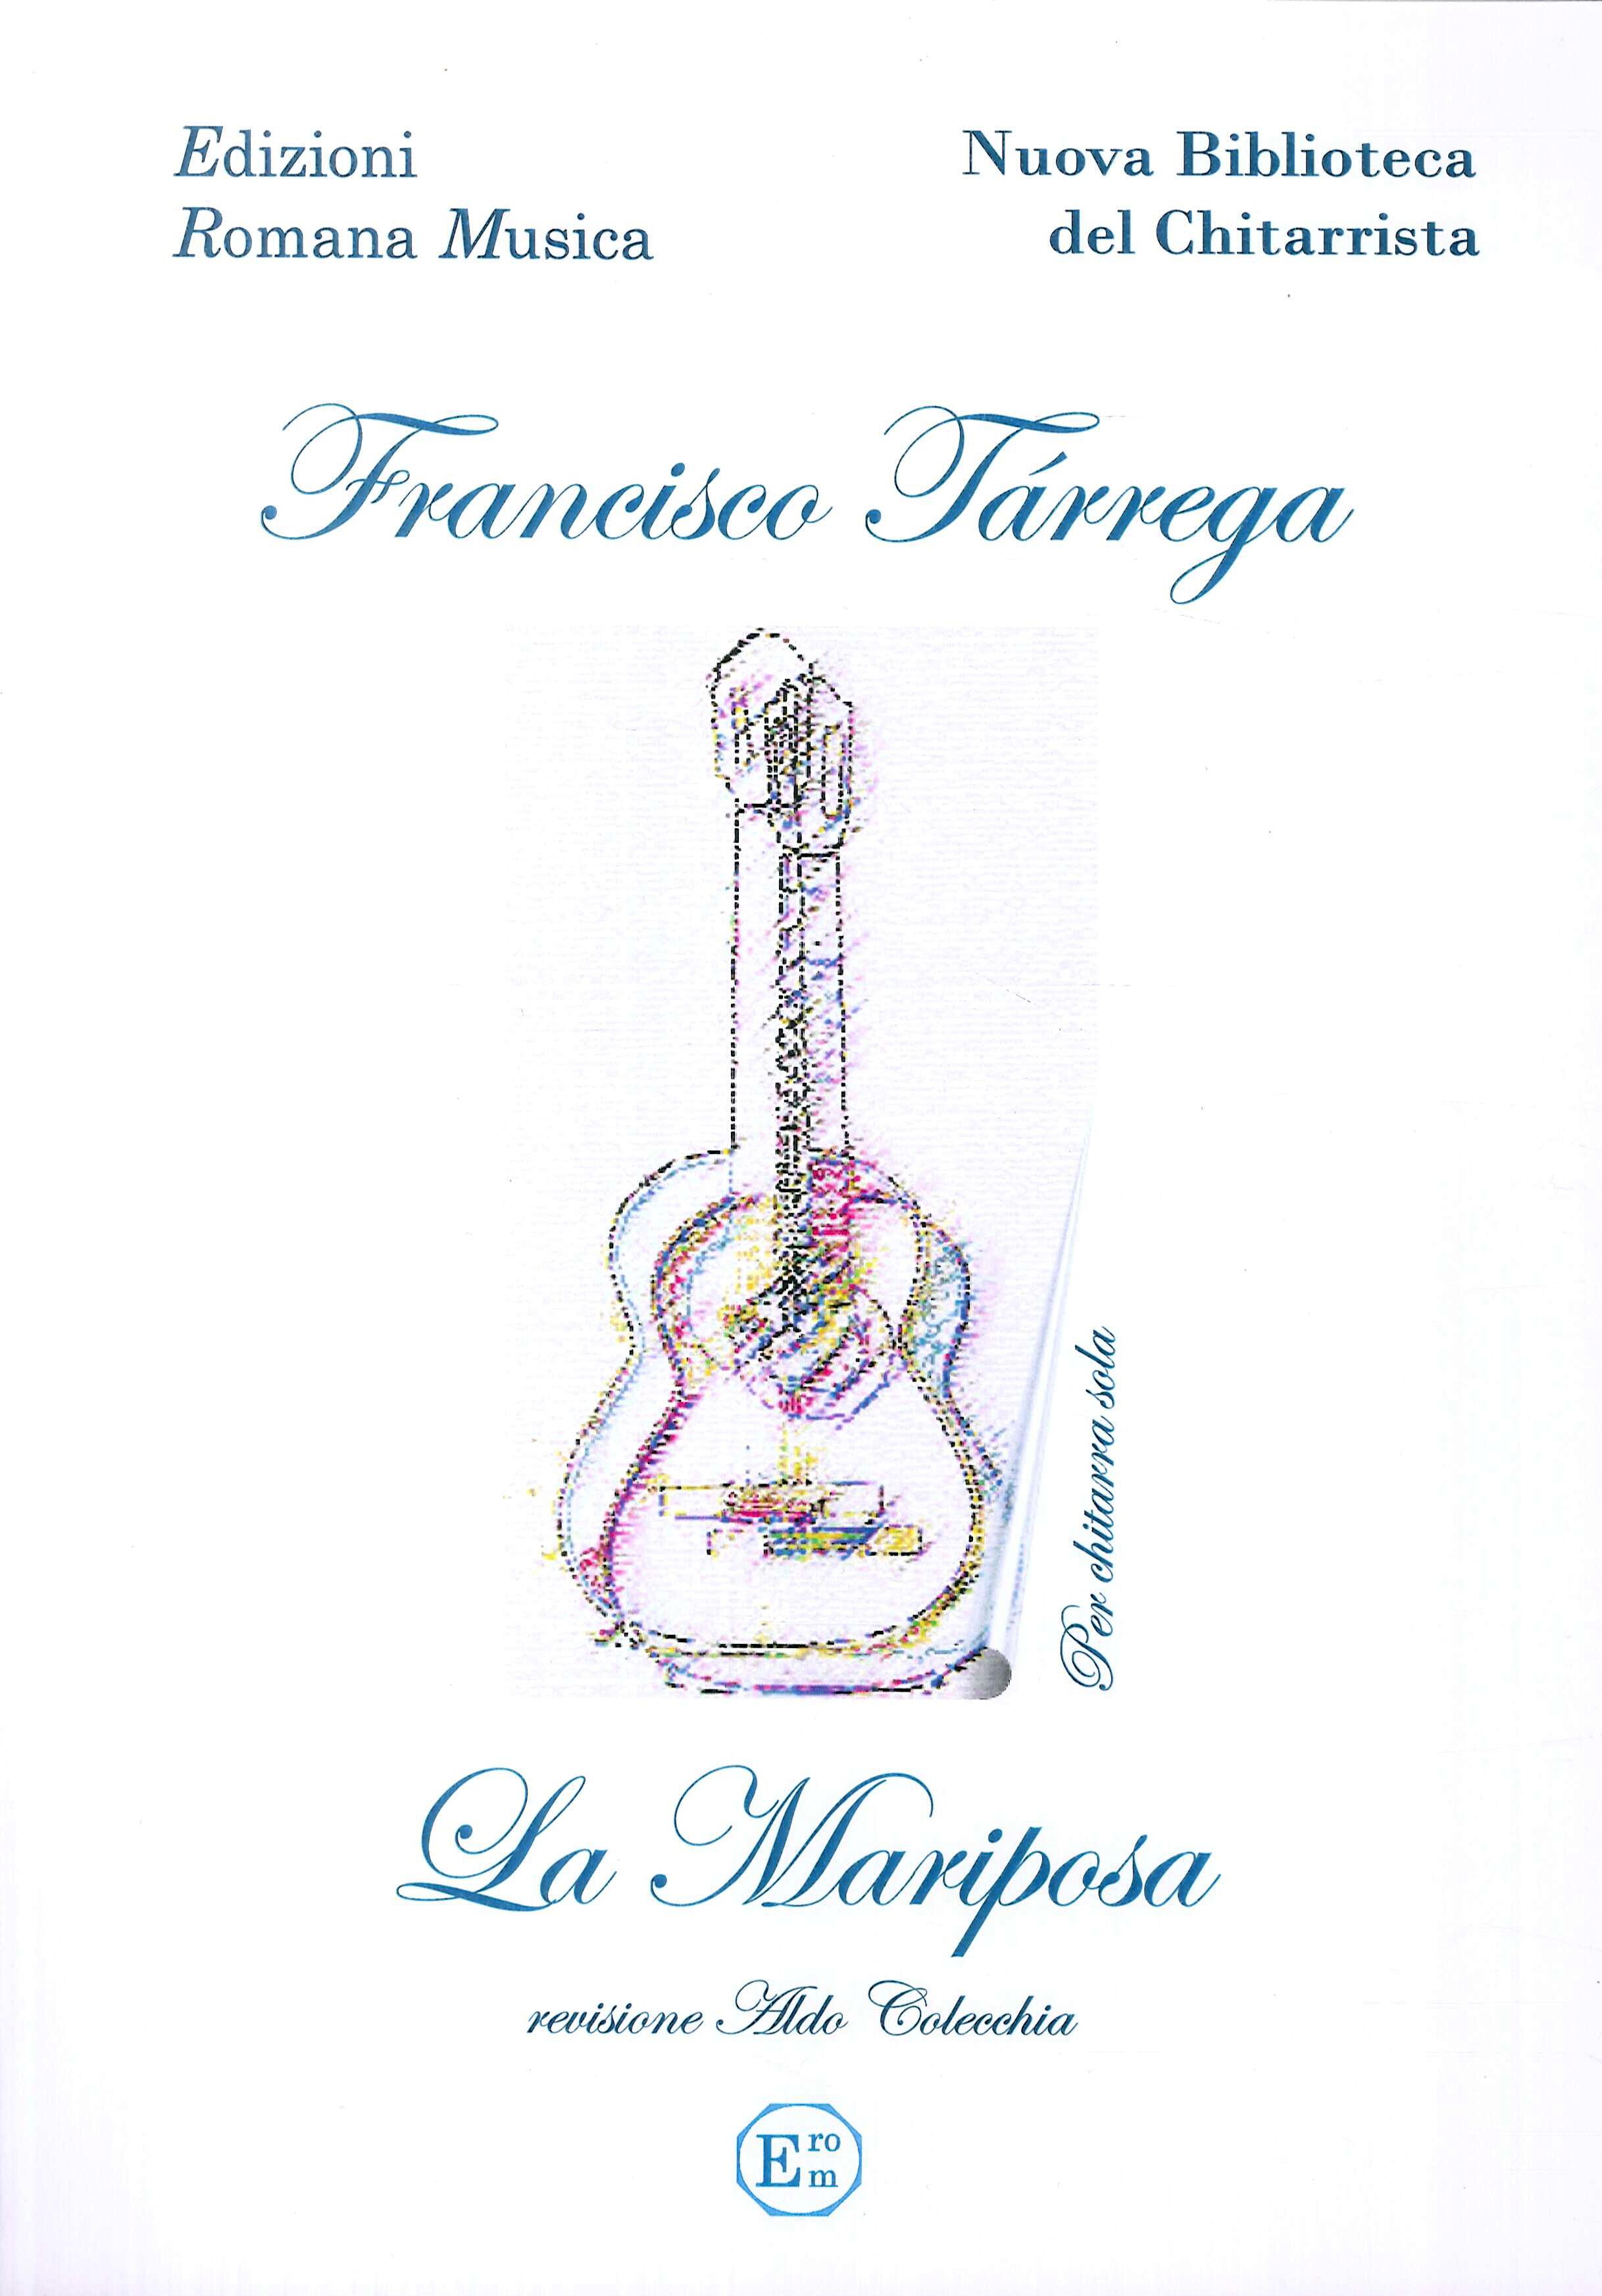 Francisco Tarrega. La Mariposa. Musica per Chitarra. Erom 0024.